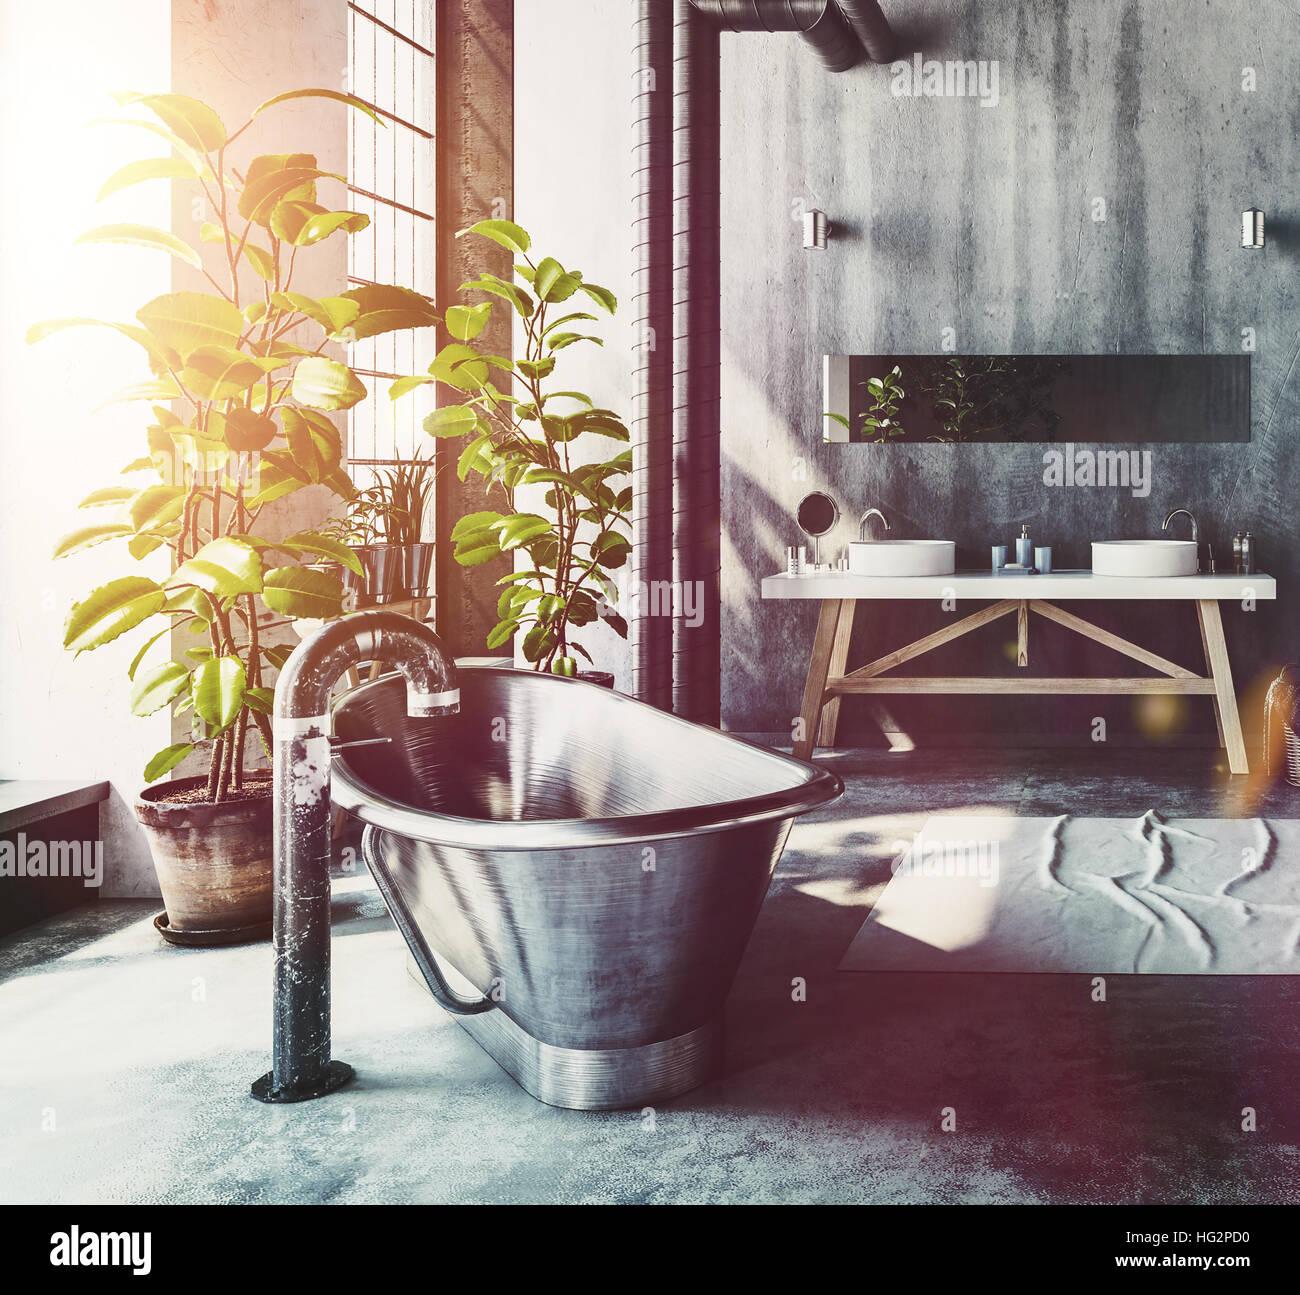 Salle de bains Hipster dans un loft industriel converti avec ...